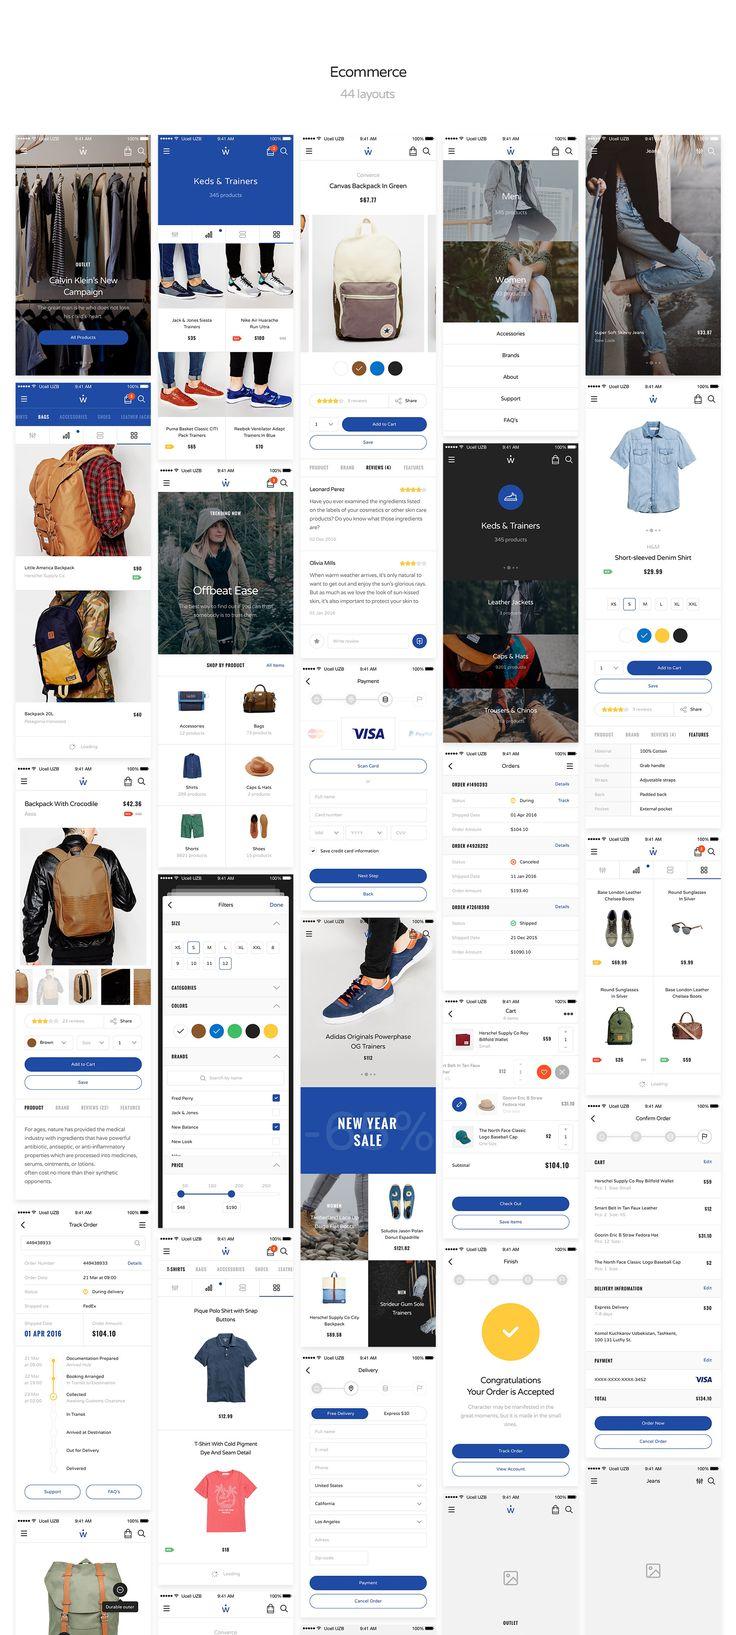 Aware UI Kit has Become Big for Mobile